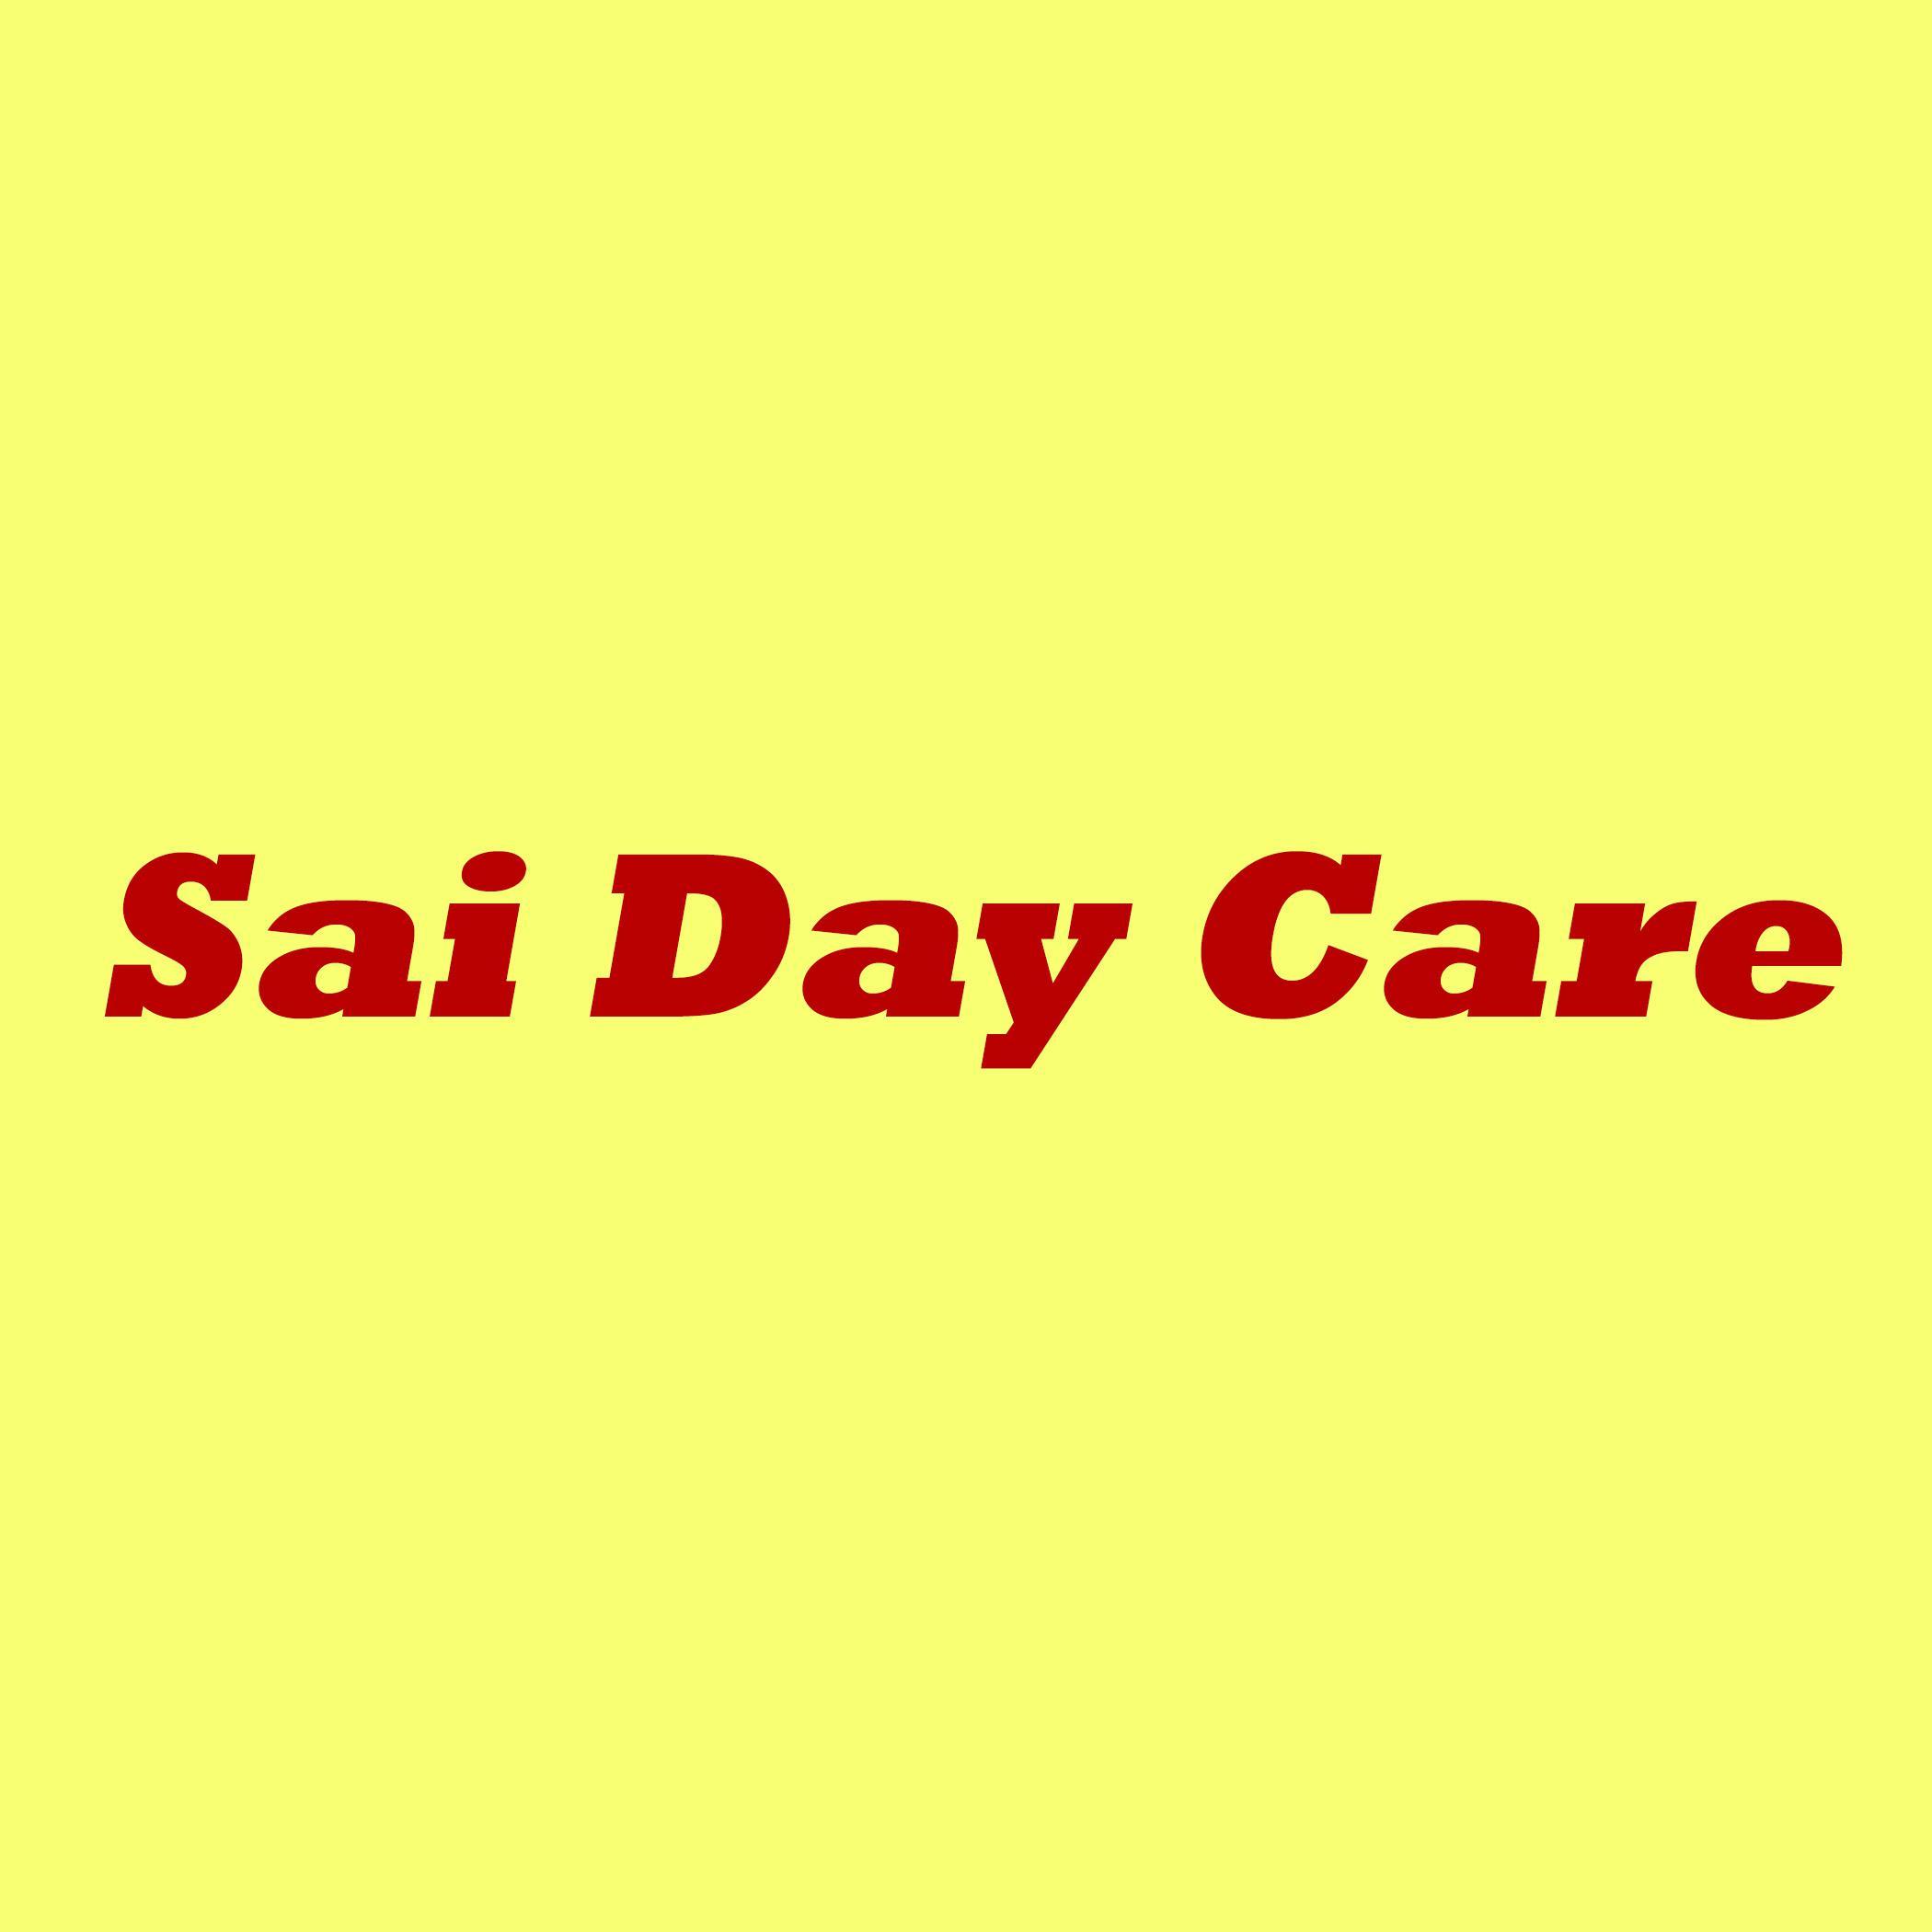 Sai Day Care Centre, Sai Day Care Centre